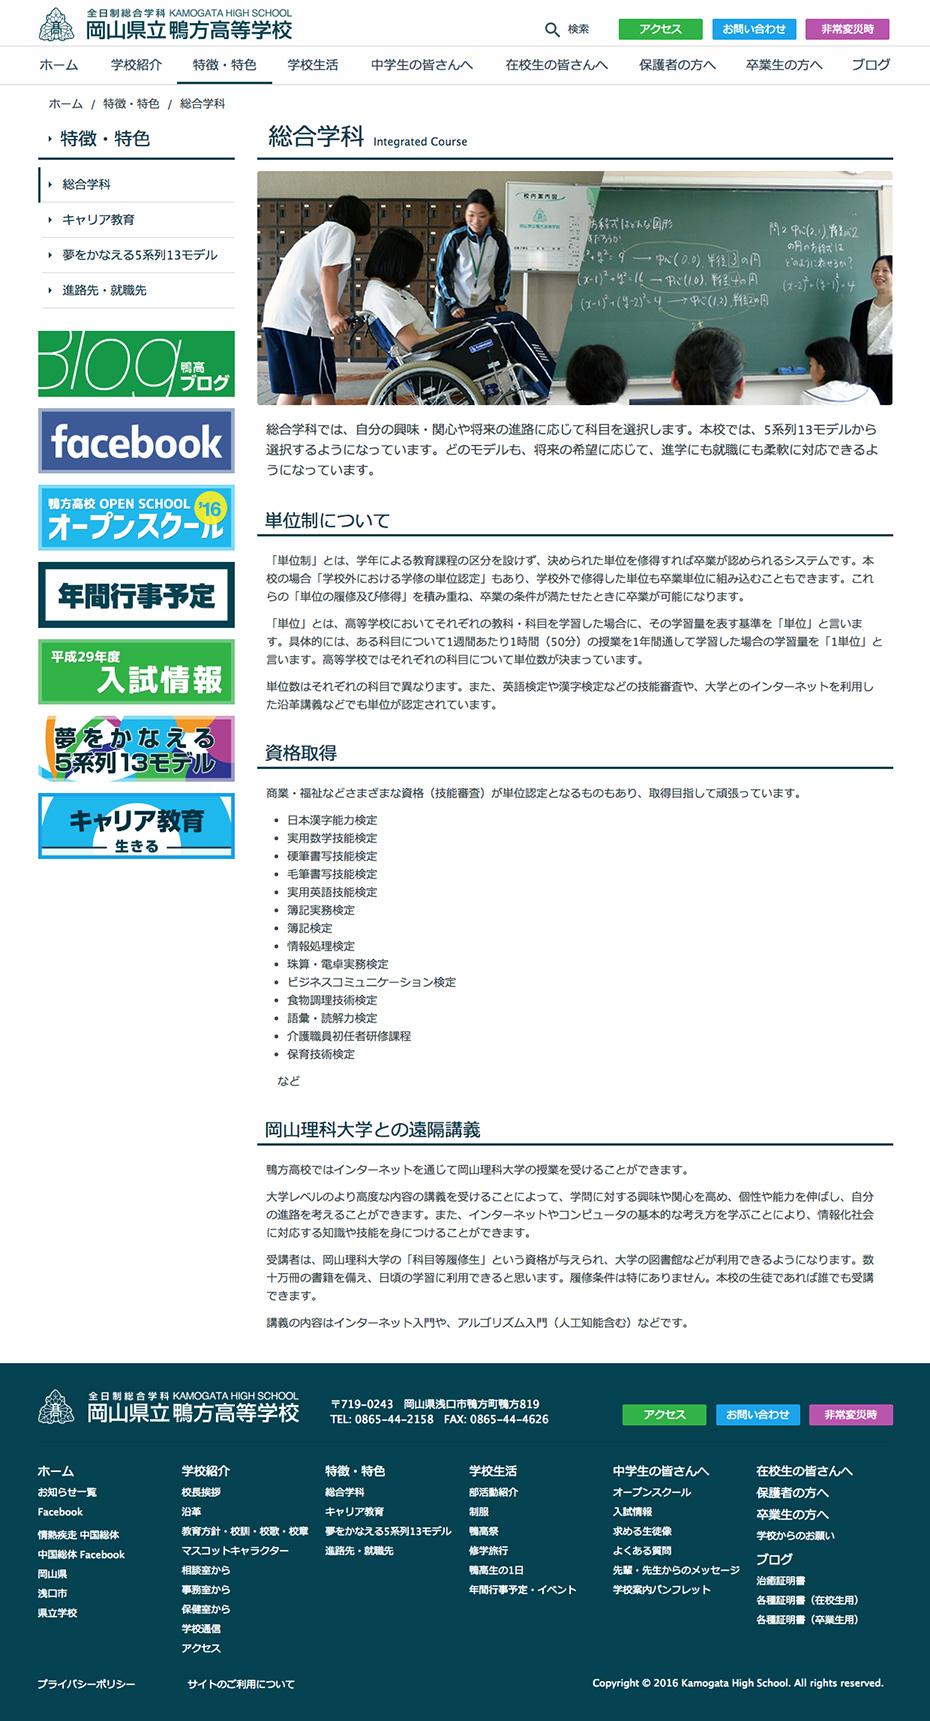 岡山県立鴨方高等学校様 ホームページ 総合学科